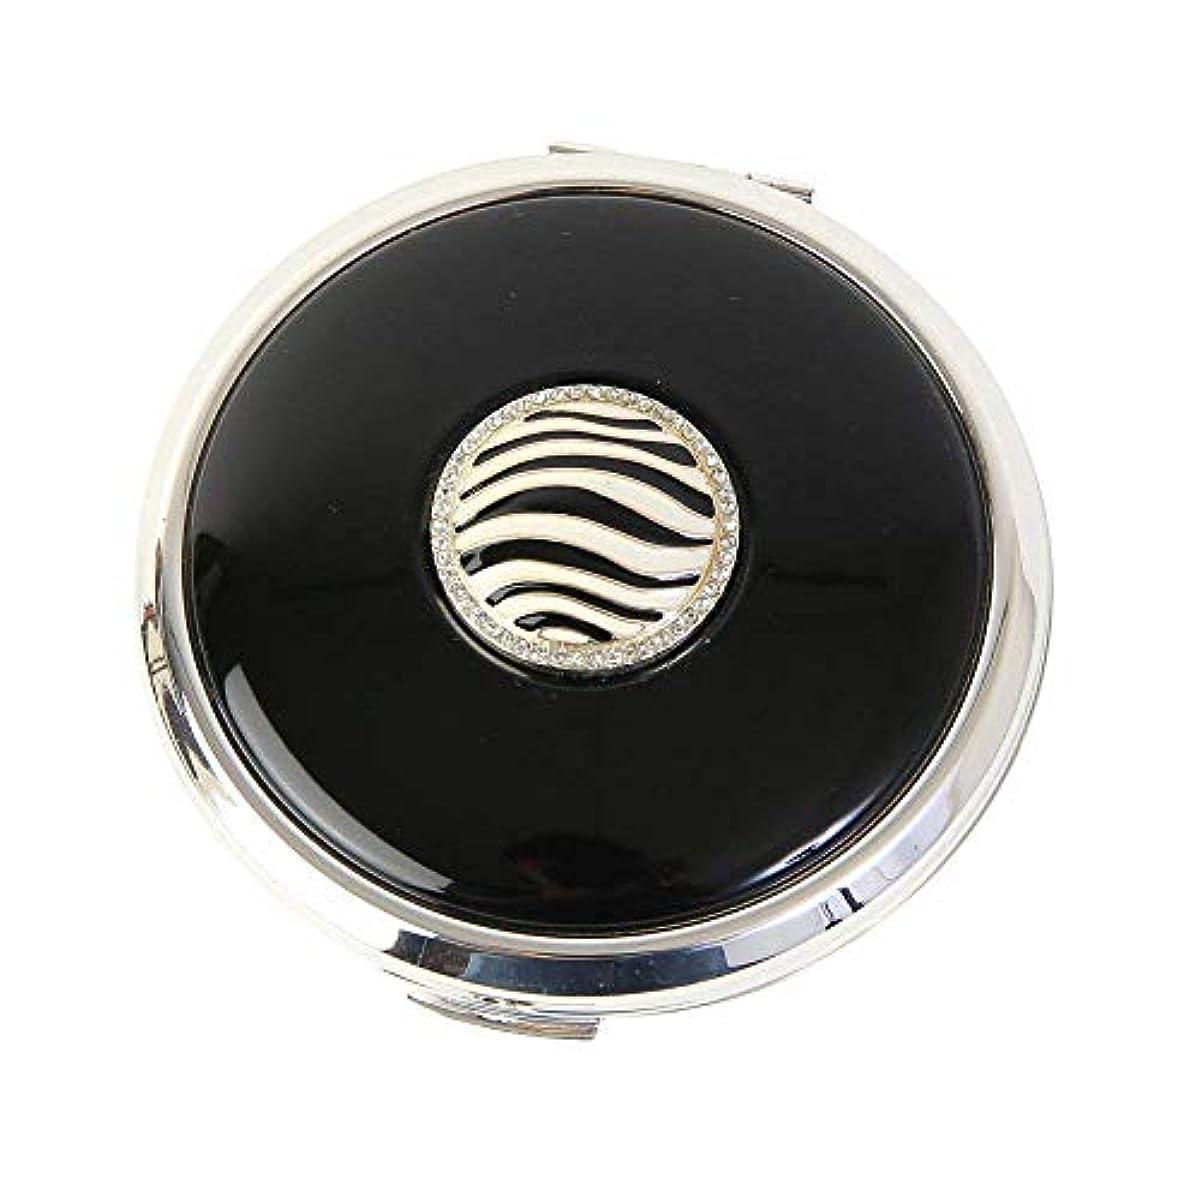 主人マニアックモジュールStratton ストラットン コンパクト コンバーティブル おしろいケース&ミラー ブラック Zebra ST1118